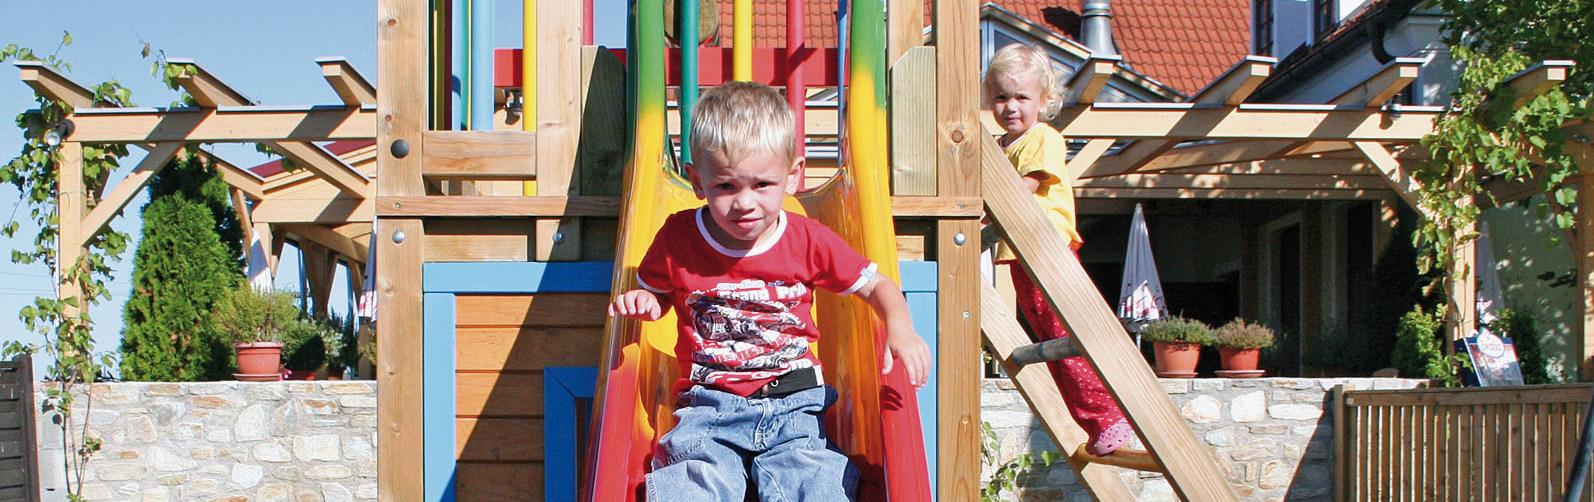 Rehatschek_Kinderspielplatz_Kinder1